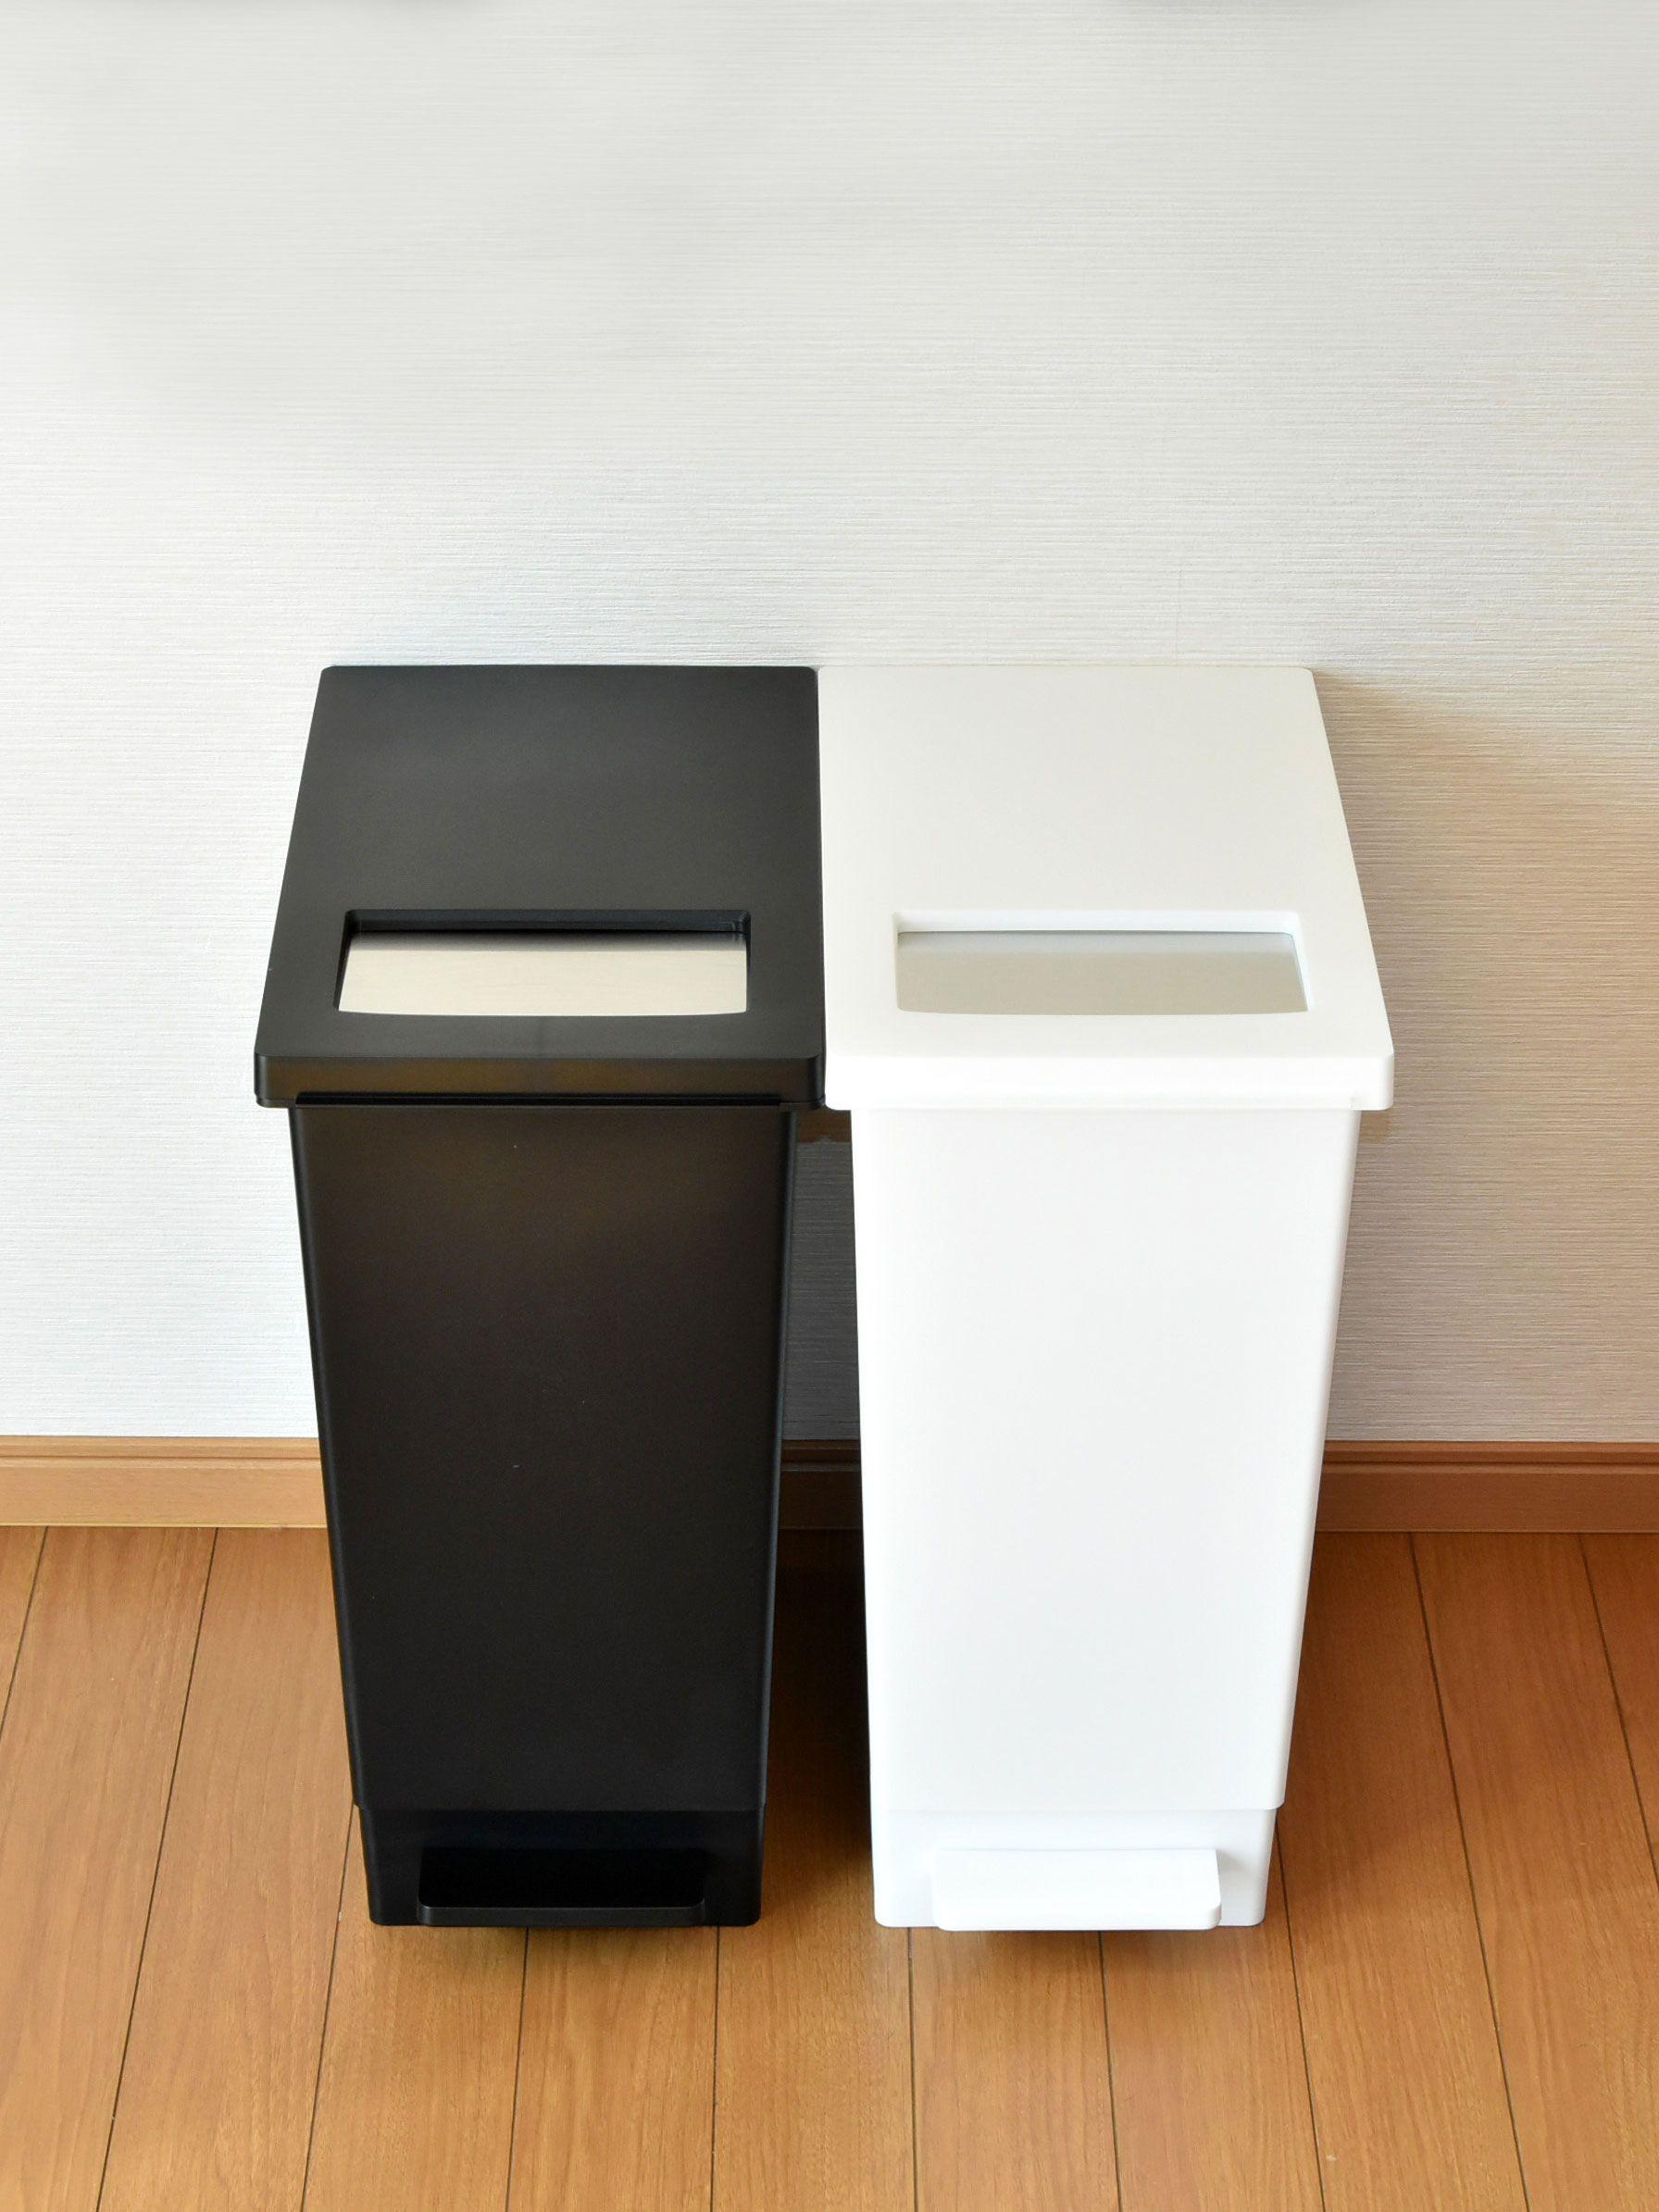 プッシュ ペダル式のごみ箱 台所 ゴミ箱 ペダルペール ゴミ箱